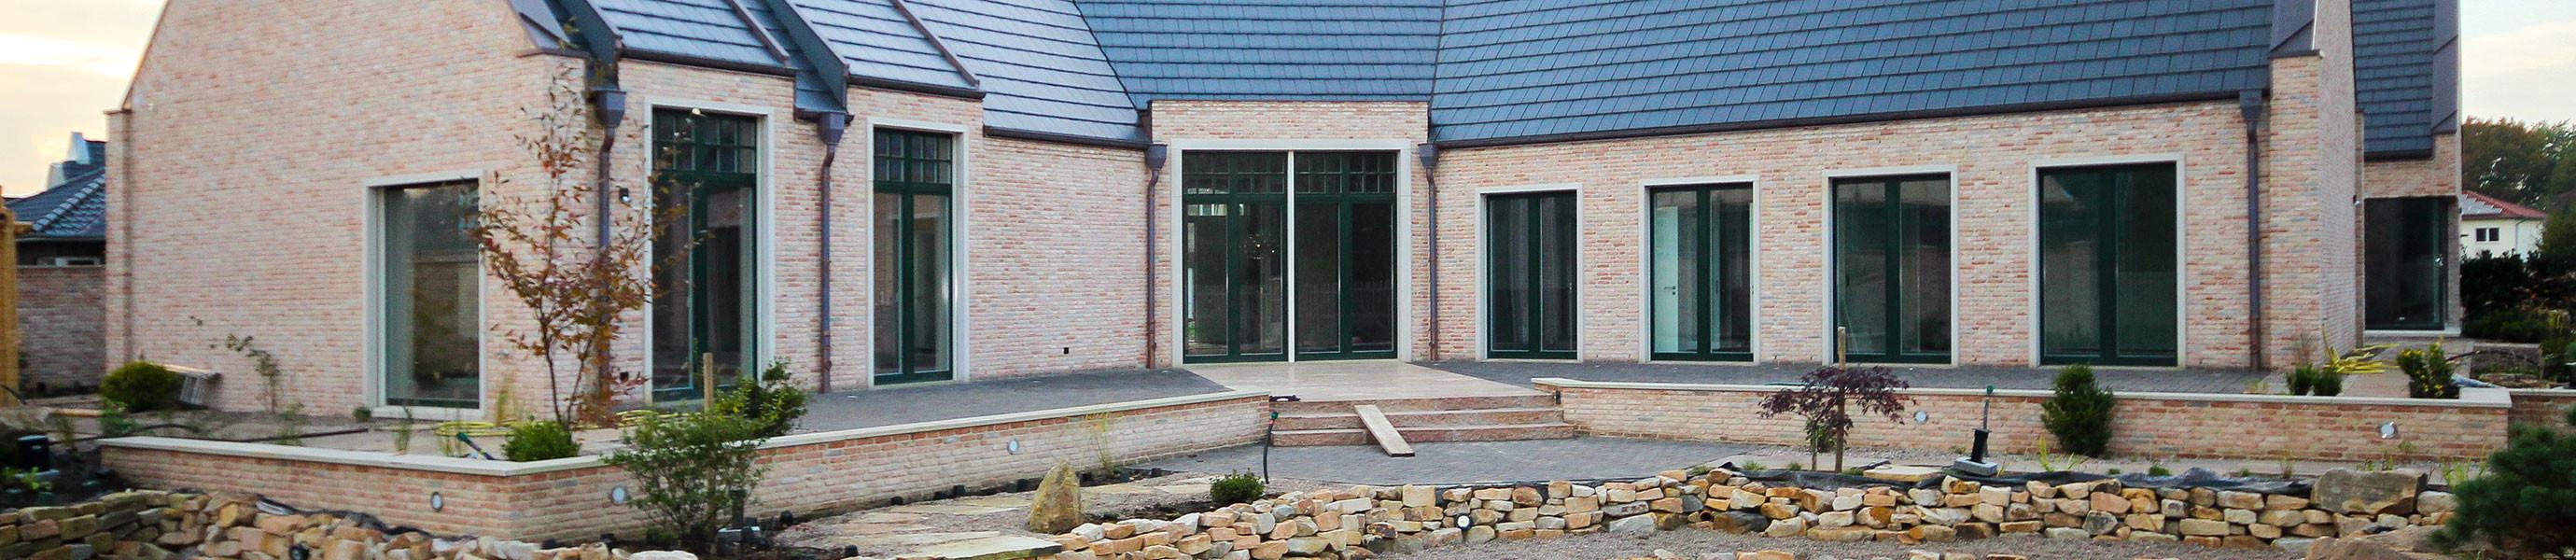 Impressum   K21 PLAN   Architektur und Innenarchitektur aus Vechta